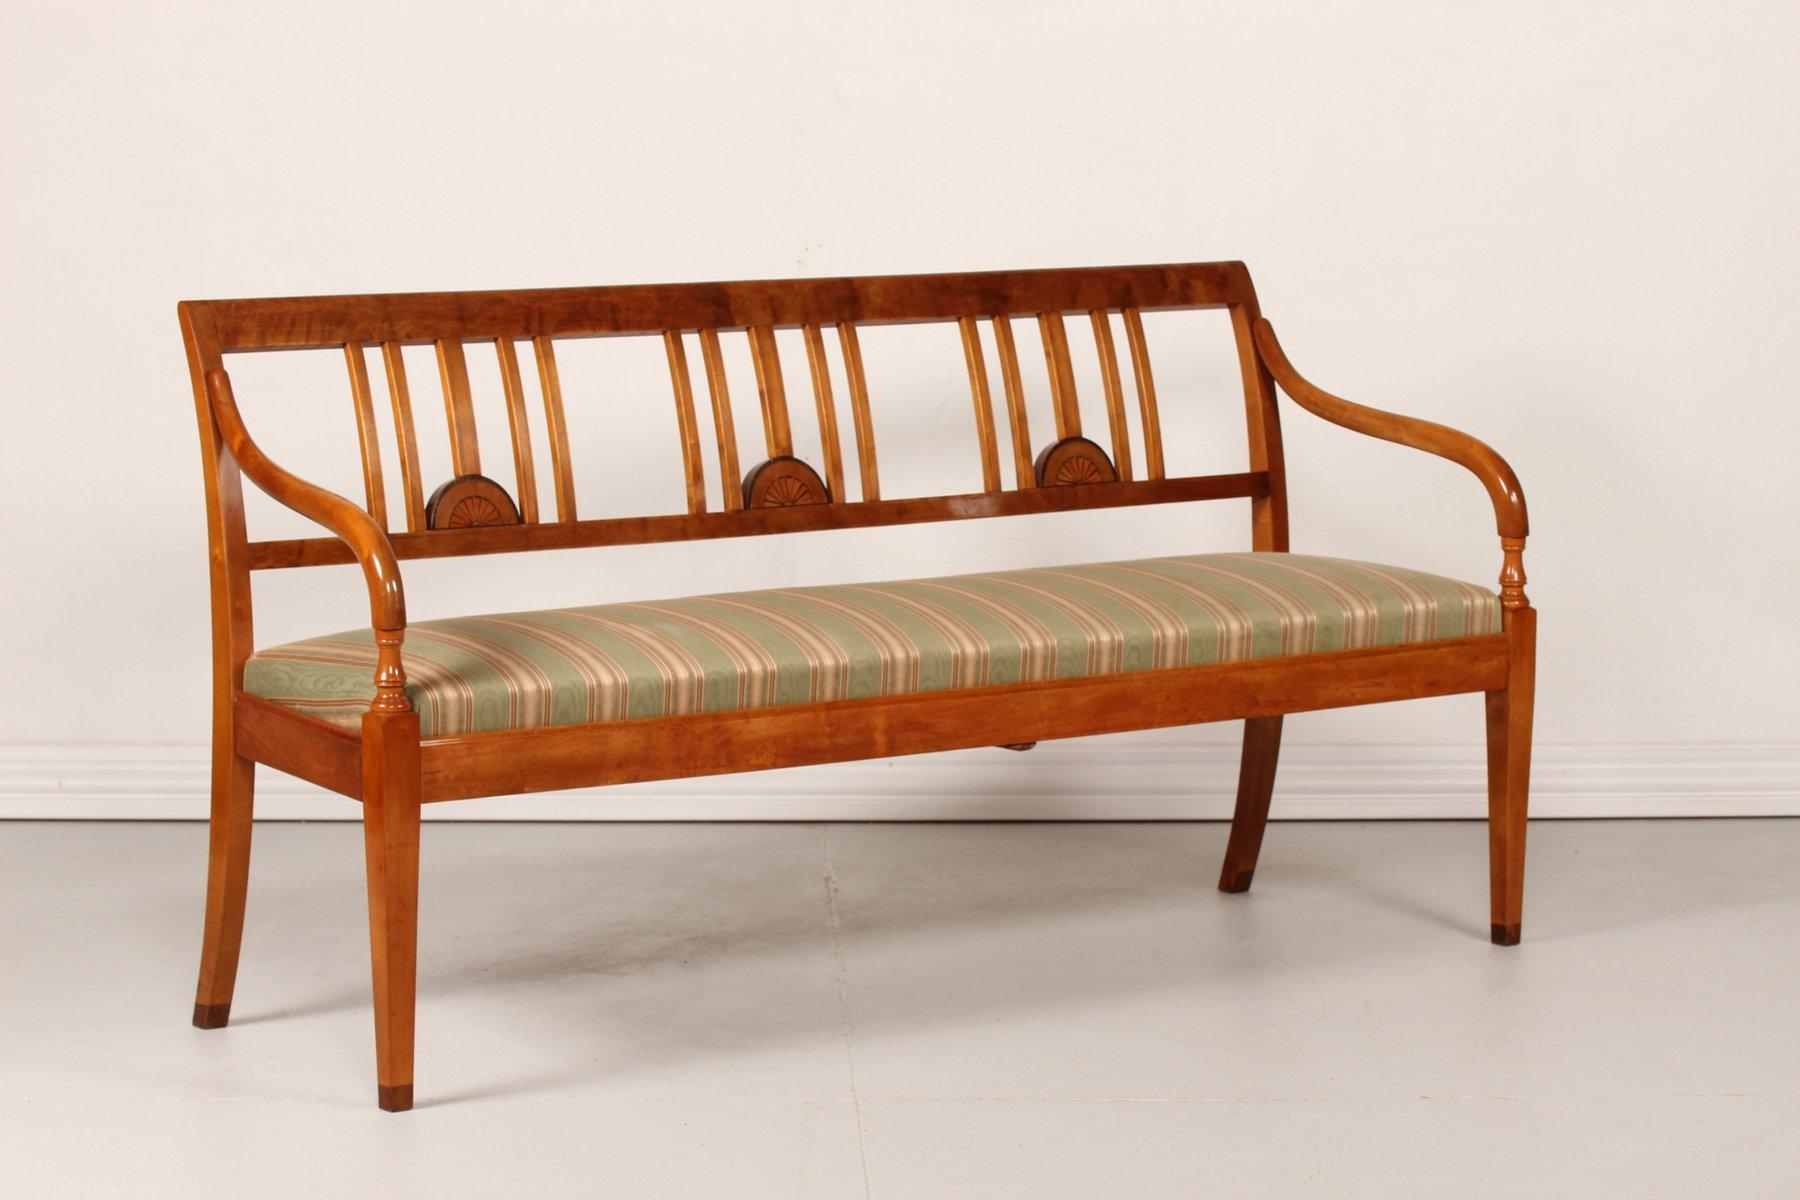 schwedische empire stil sitzbank 1920er bei pamono kaufen. Black Bedroom Furniture Sets. Home Design Ideas